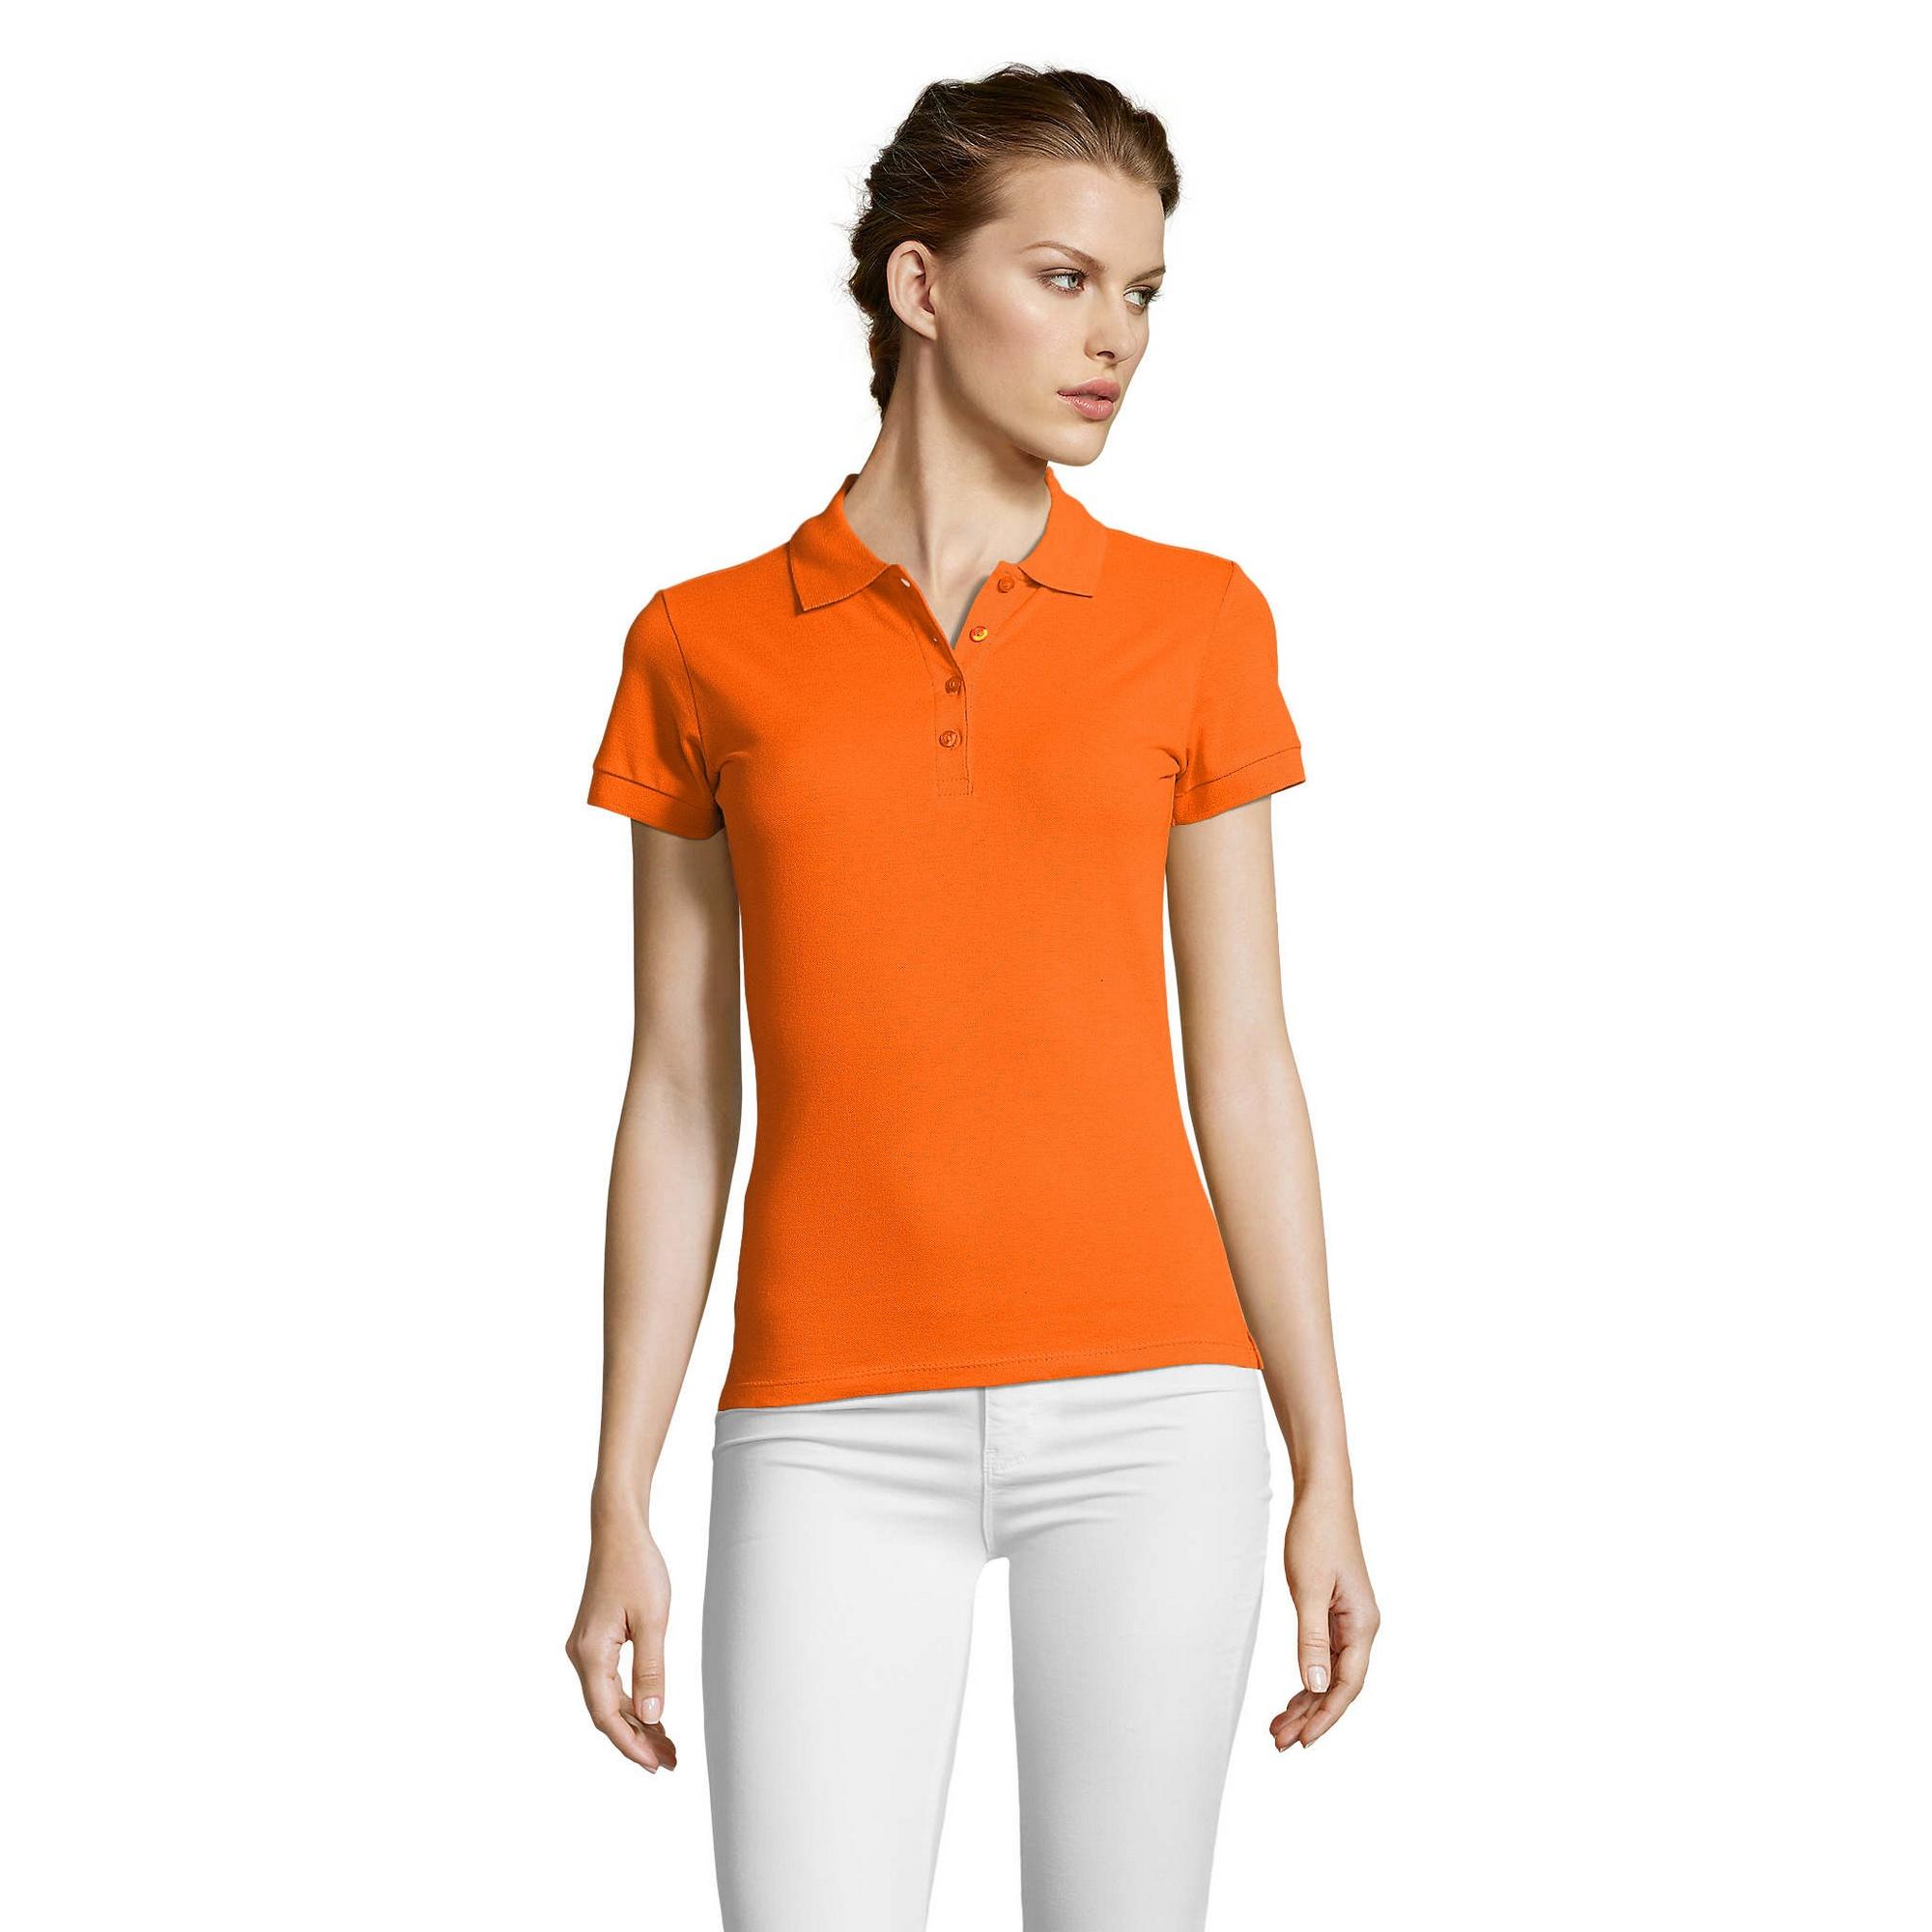 miniature 12 - SOLS-People-Polo-100-coton-a-manches-courtes-Femme-S-2XL-17-PC319